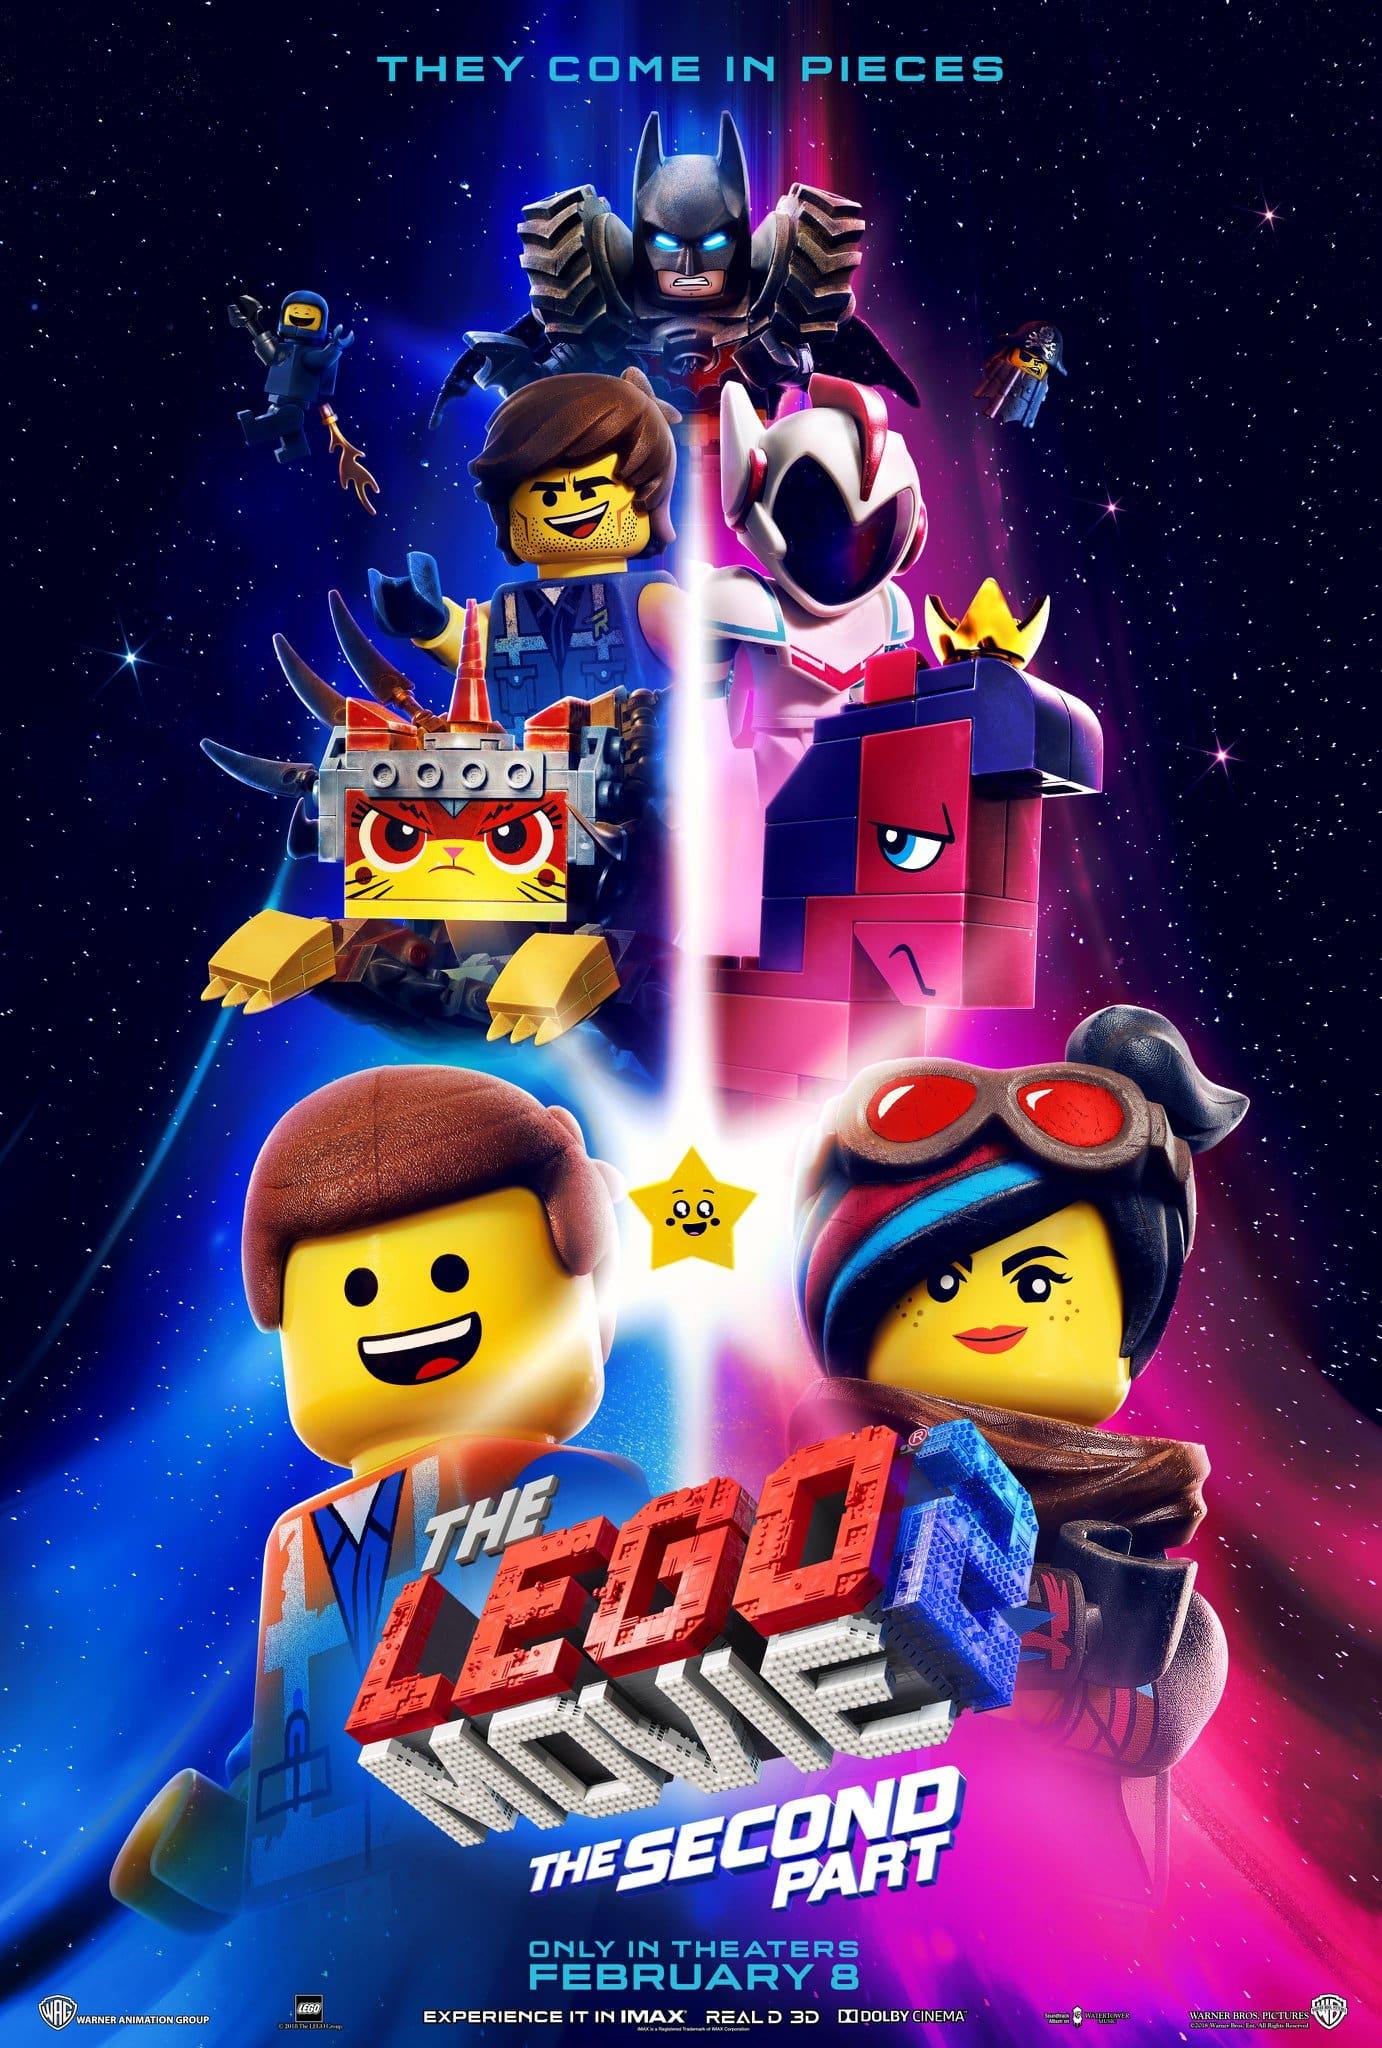 Oficiálny plagát k filmu Lego príbeh 2